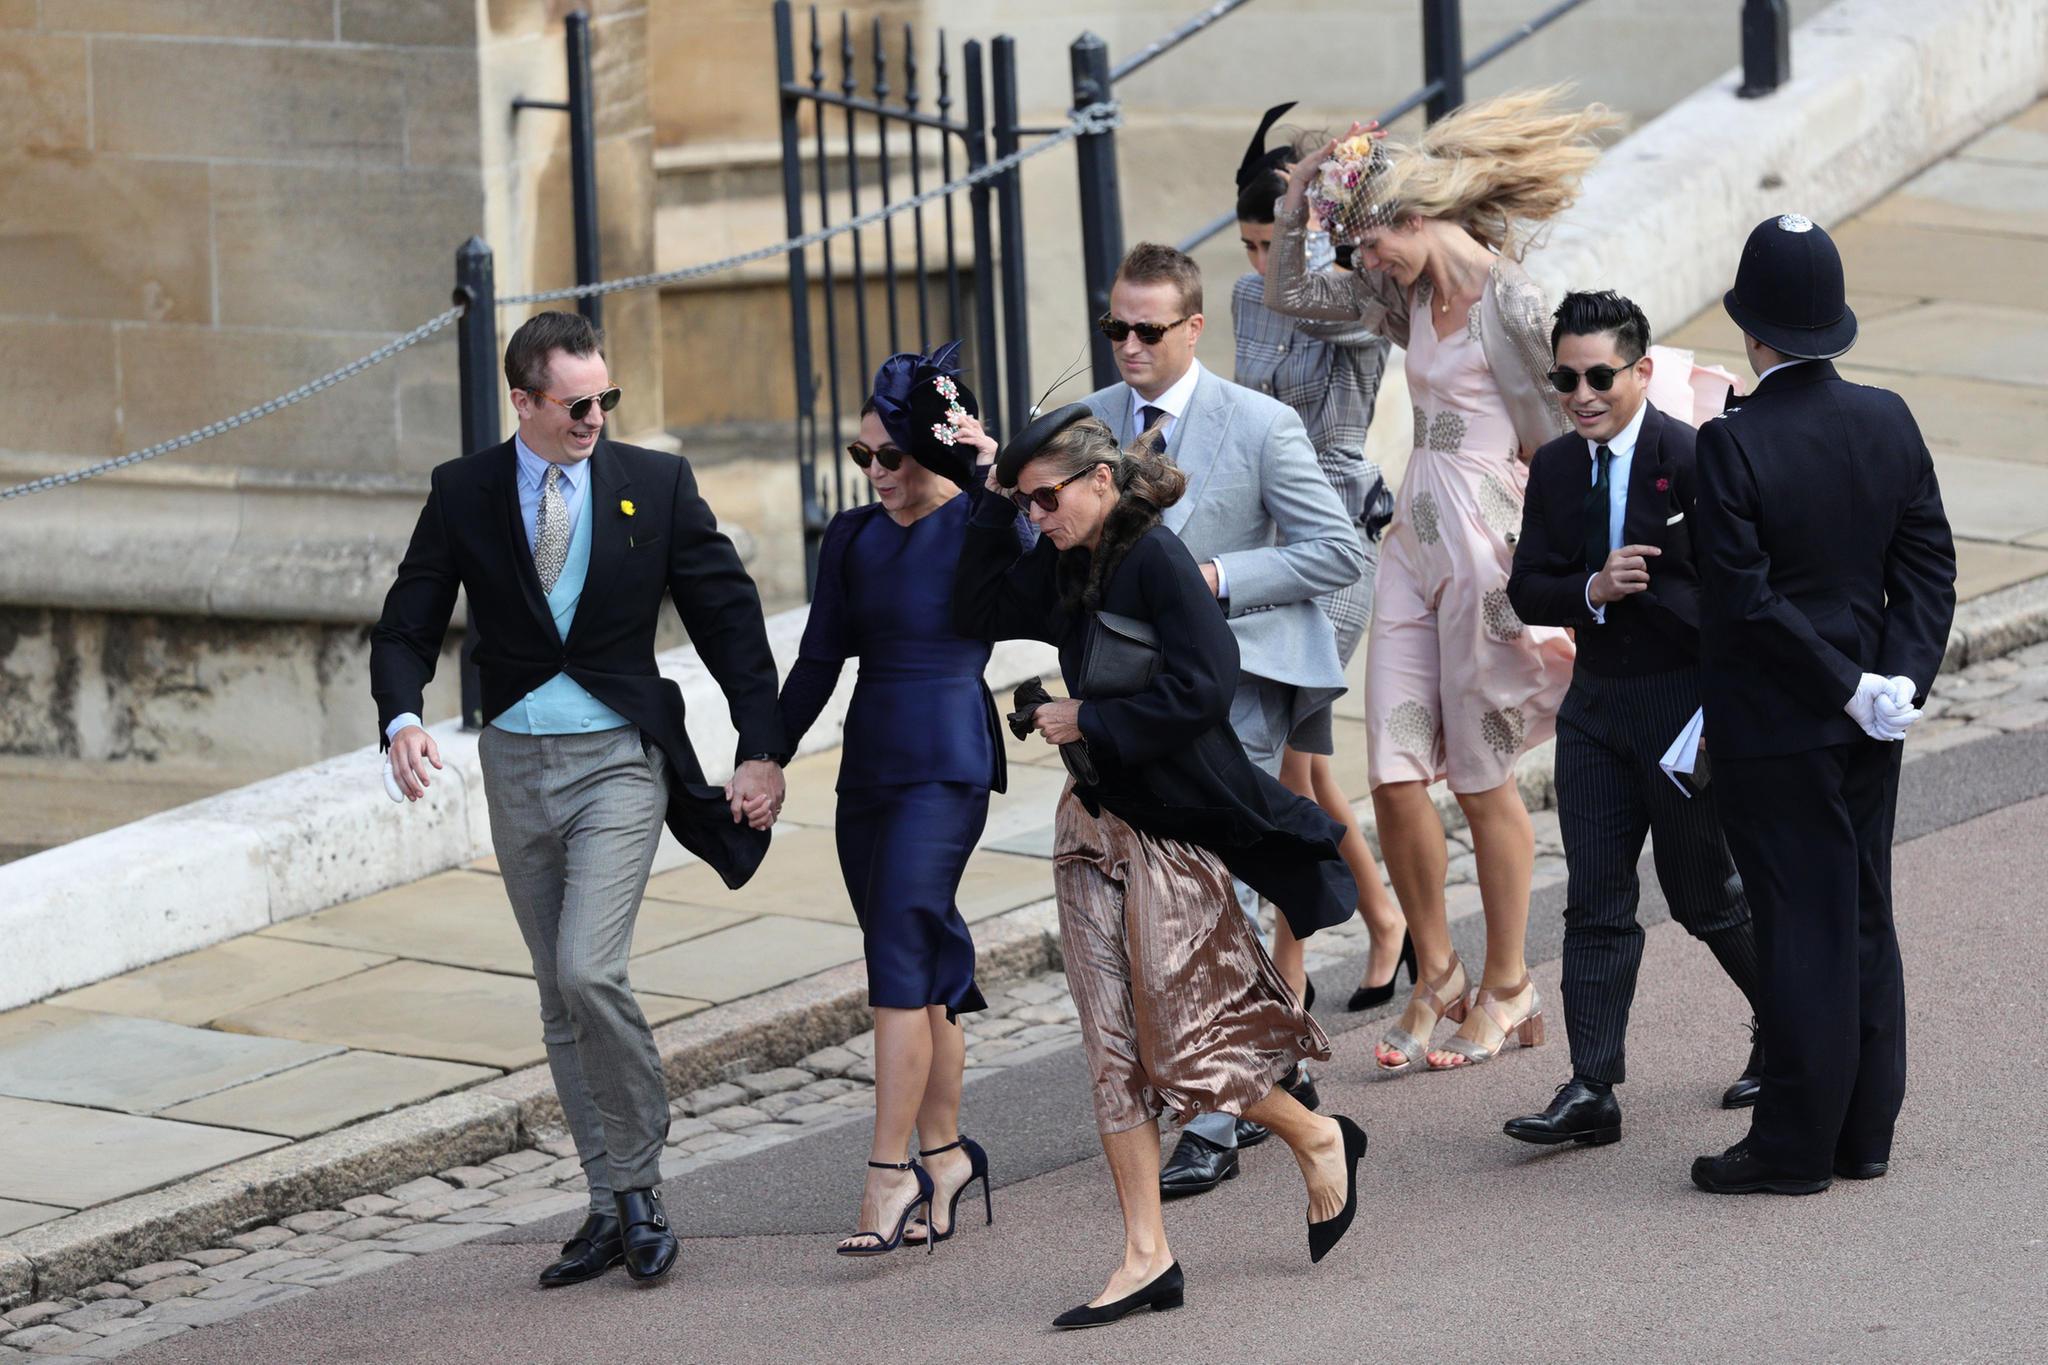 Hochzeit Prinzessin Eugenie + Jack Brooksbank: Vom Winde